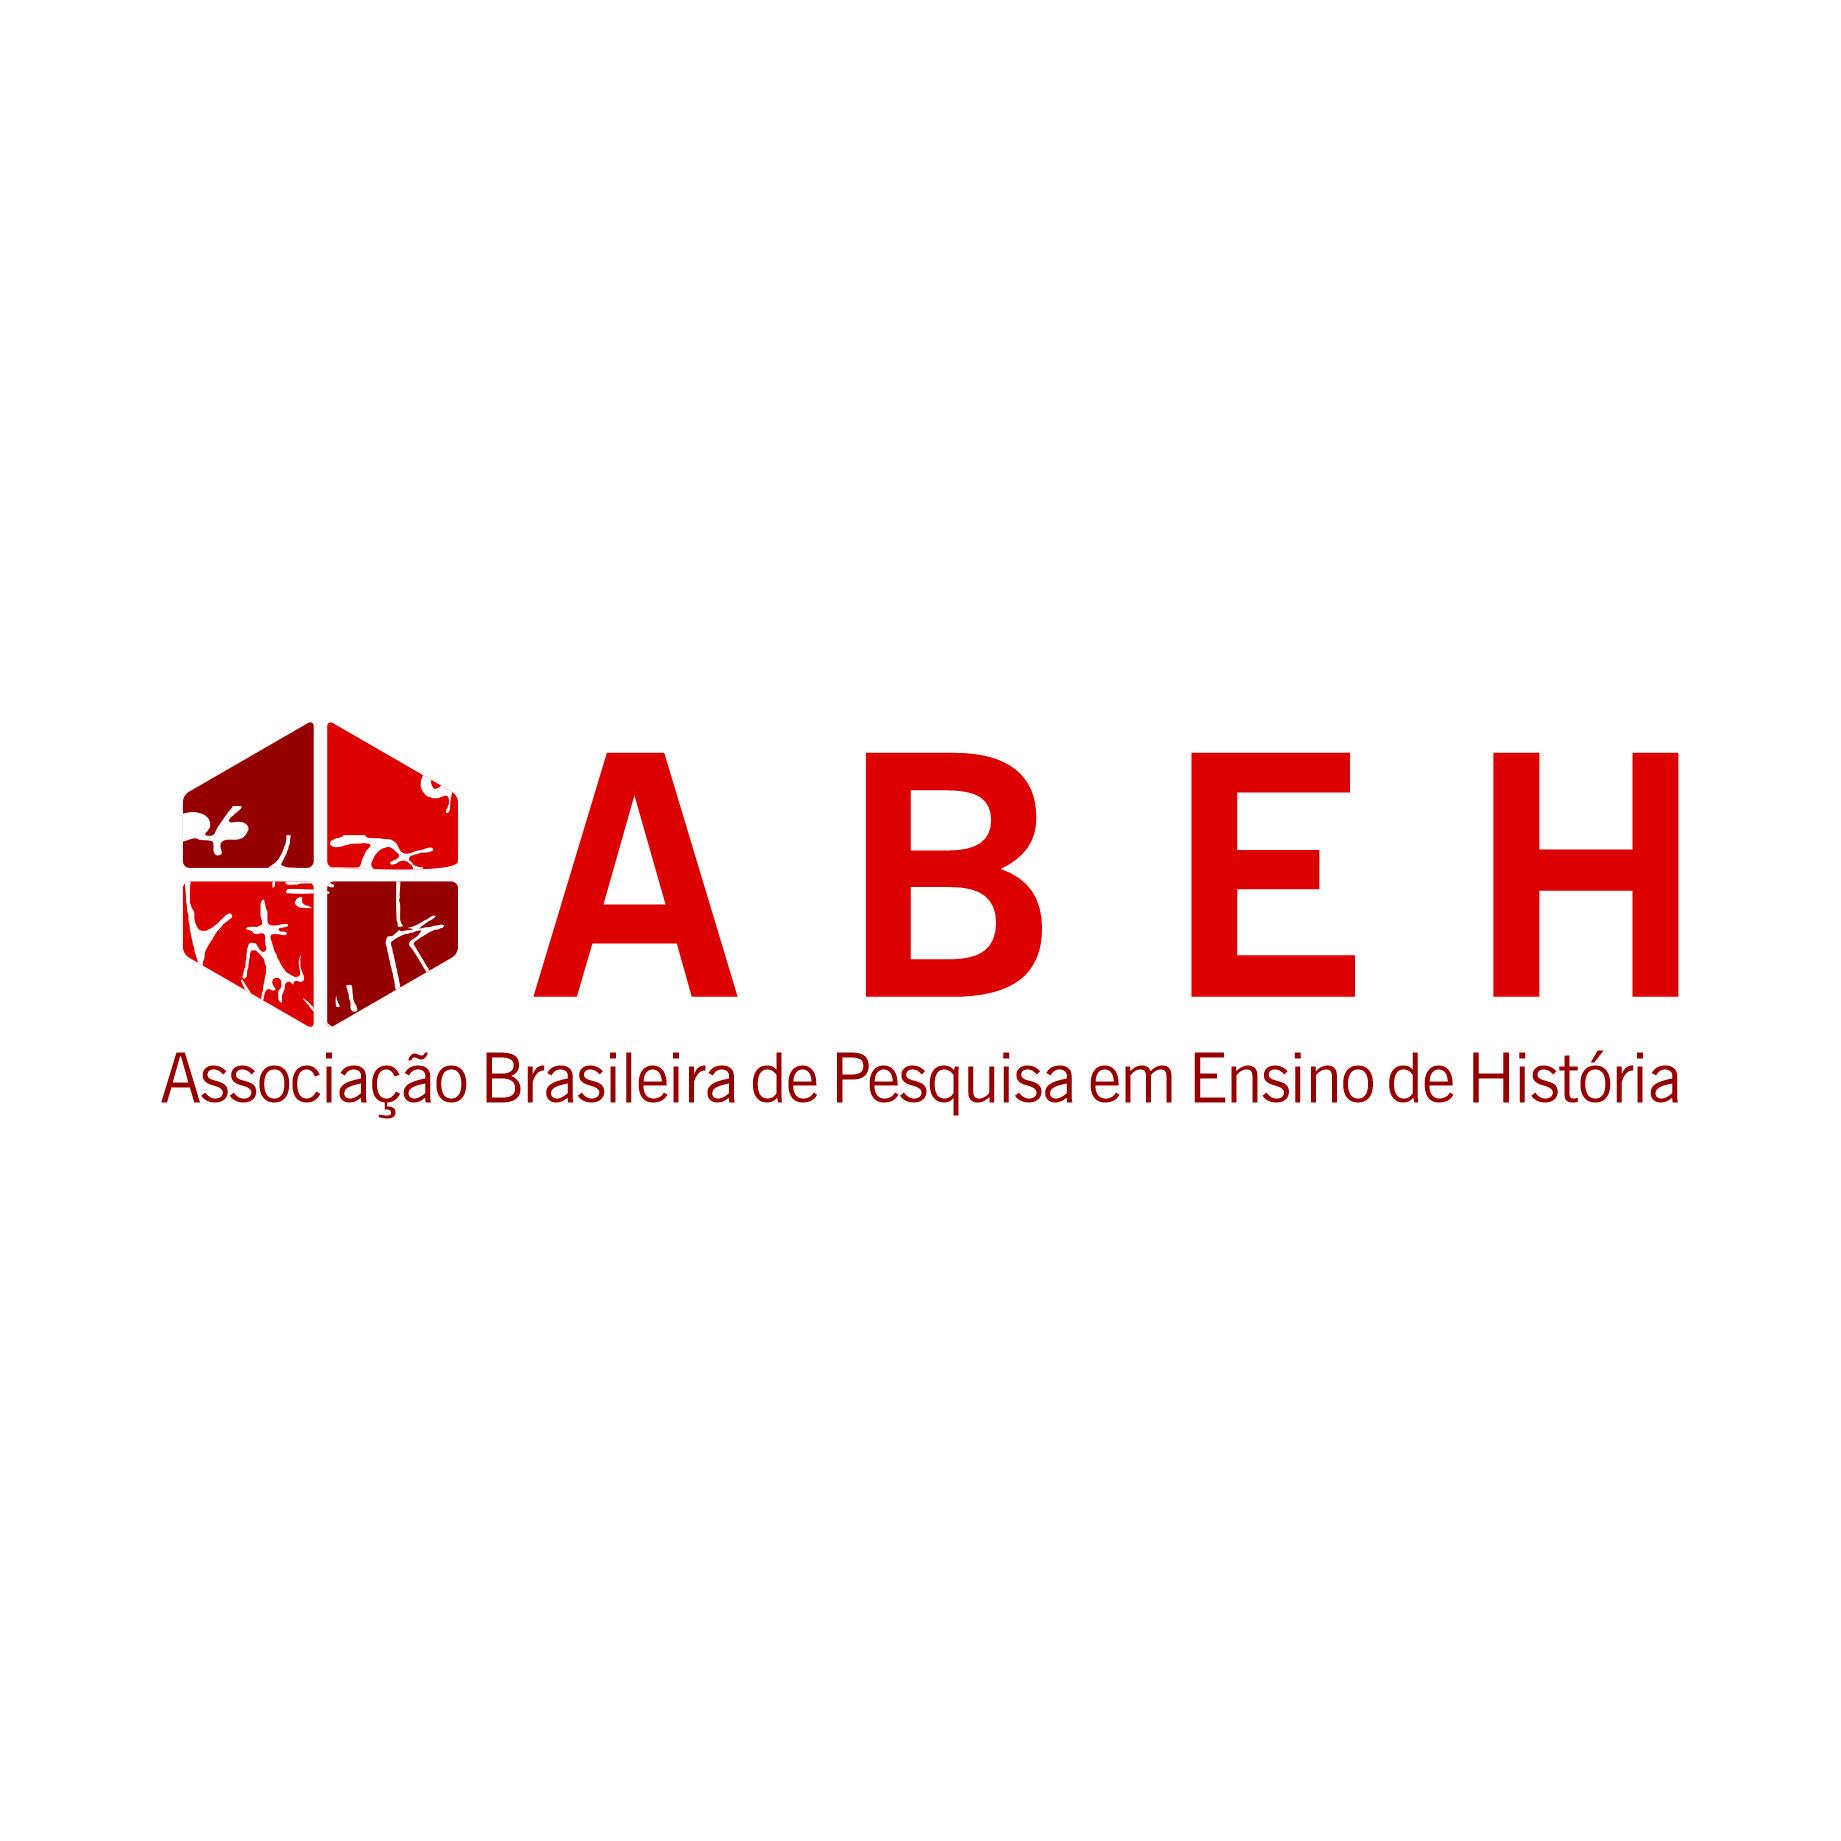 logo da Associação Brasileira de Pesquisa em Ensino de História